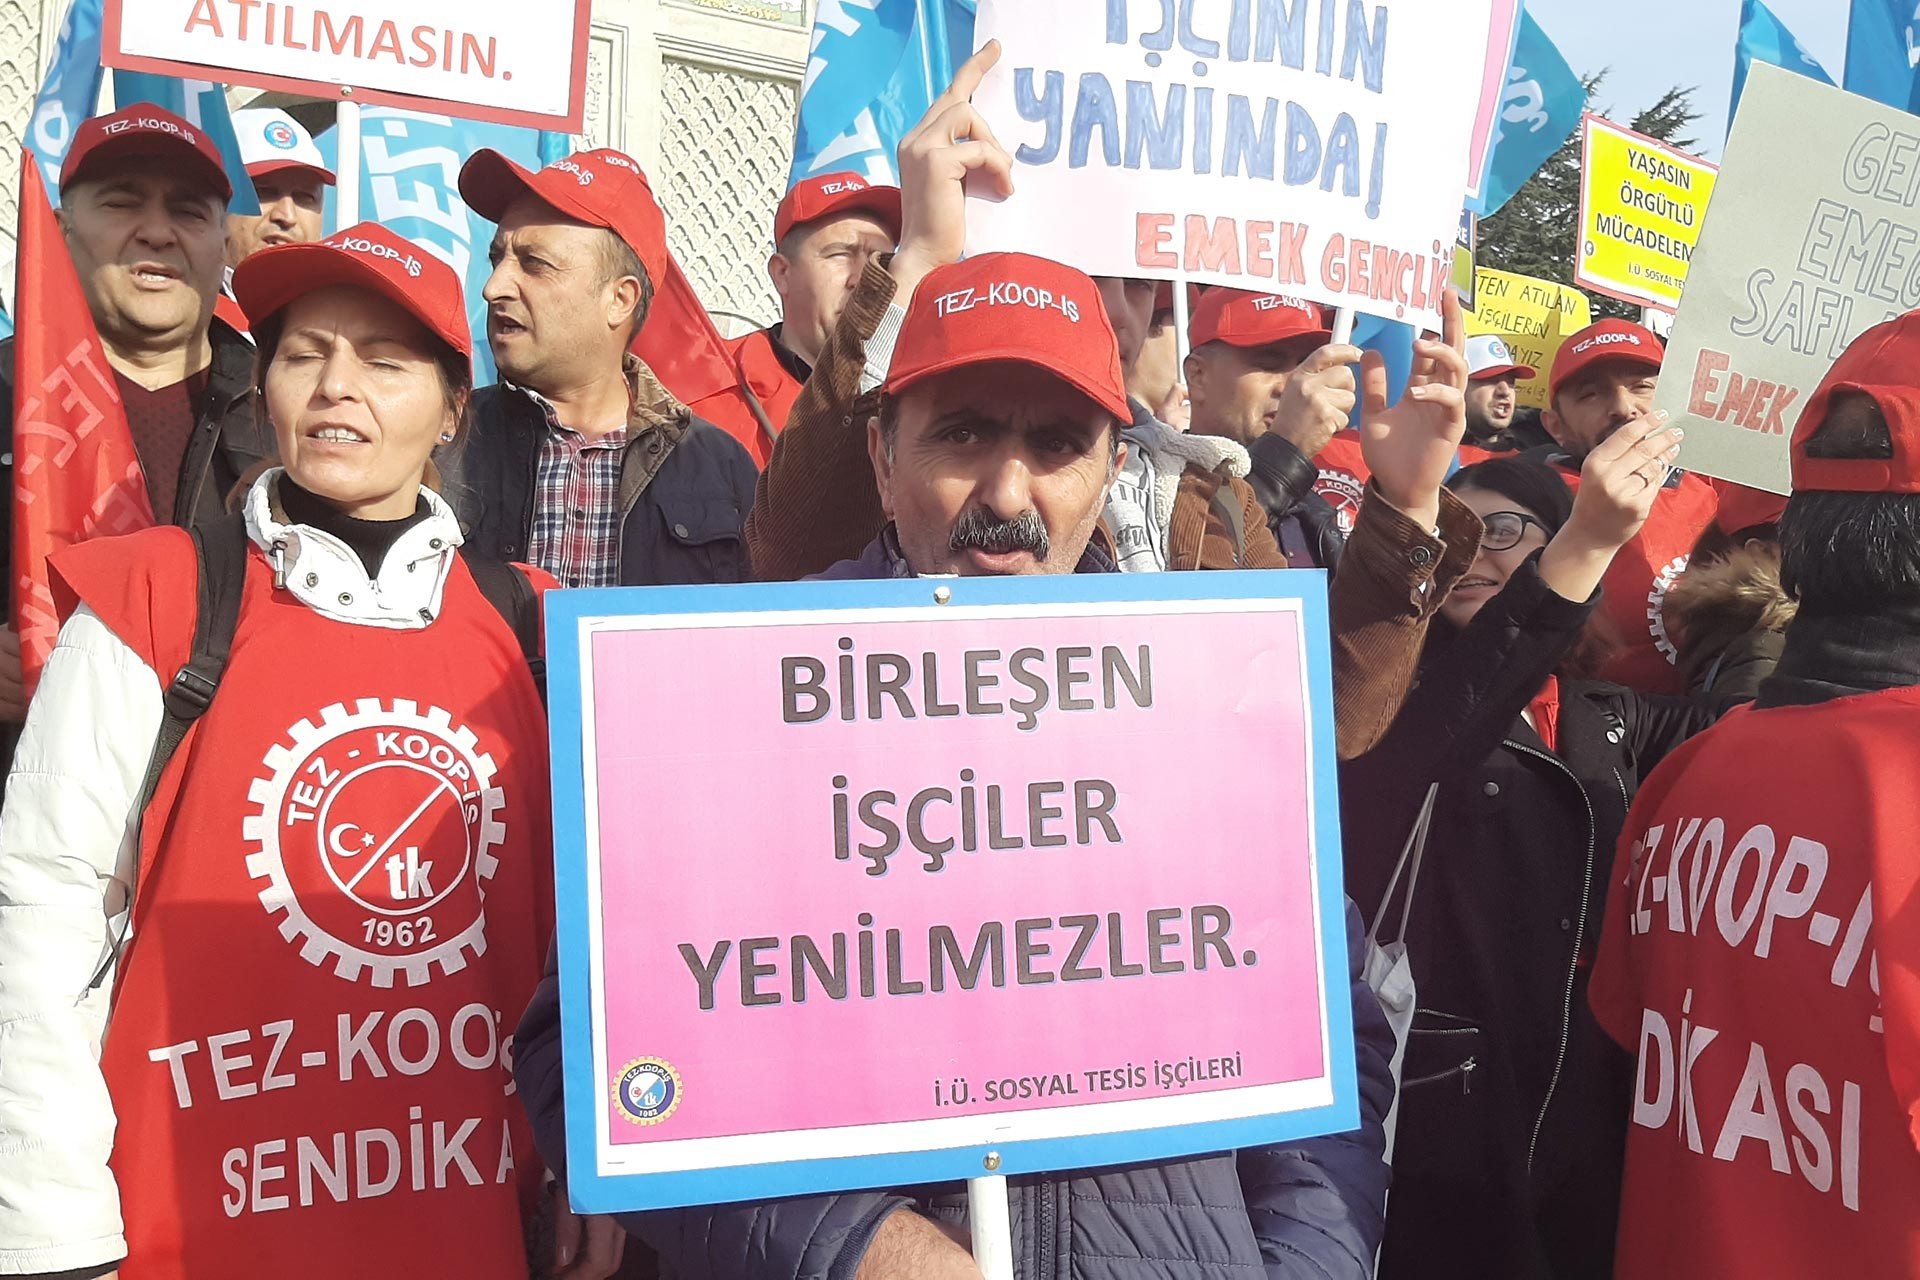 İstanbul Üniversitesi Beyazıt Kampüsü girişinde yapılan eylemde 'Birleşen işçiler yenilmezler' yazılı döviz tutan bir işçi